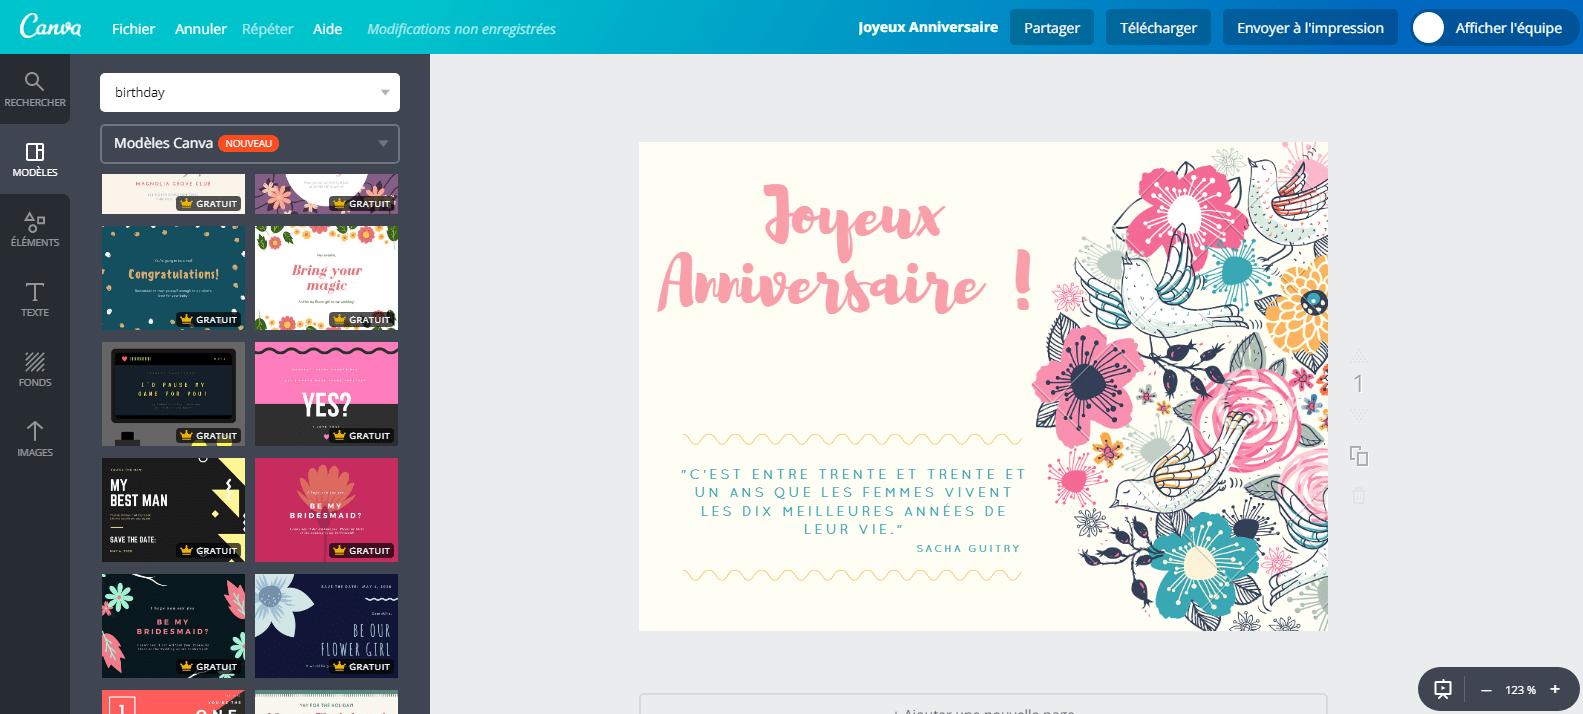 Cartes Virtuelles Anniversaire De Femme De 700 Canva